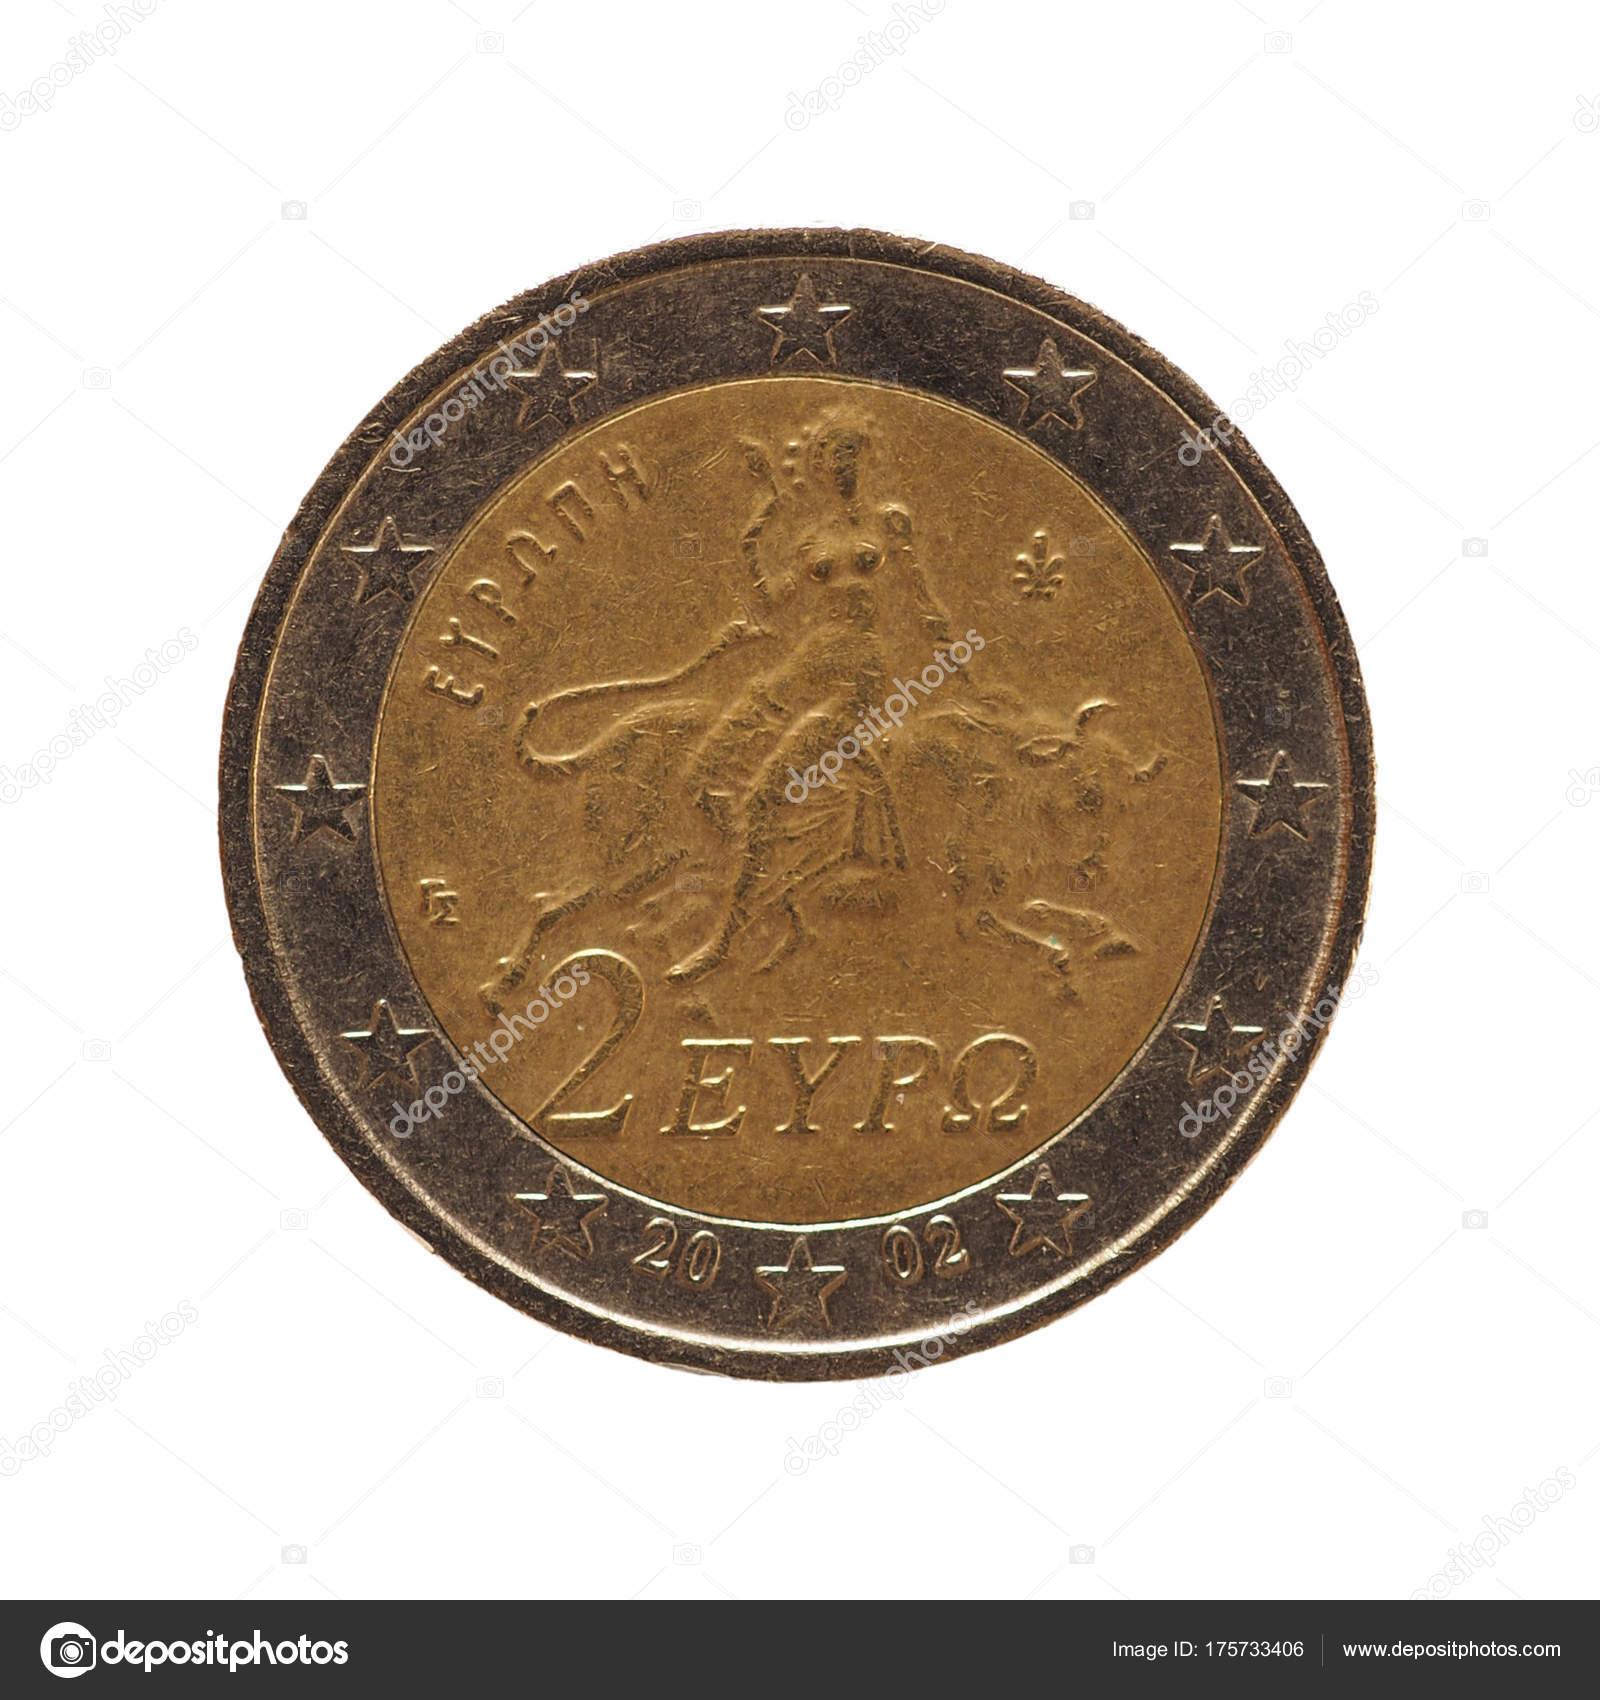 2 Euro Münze Europäische Union Isoliert Auf Weiß Stockfoto